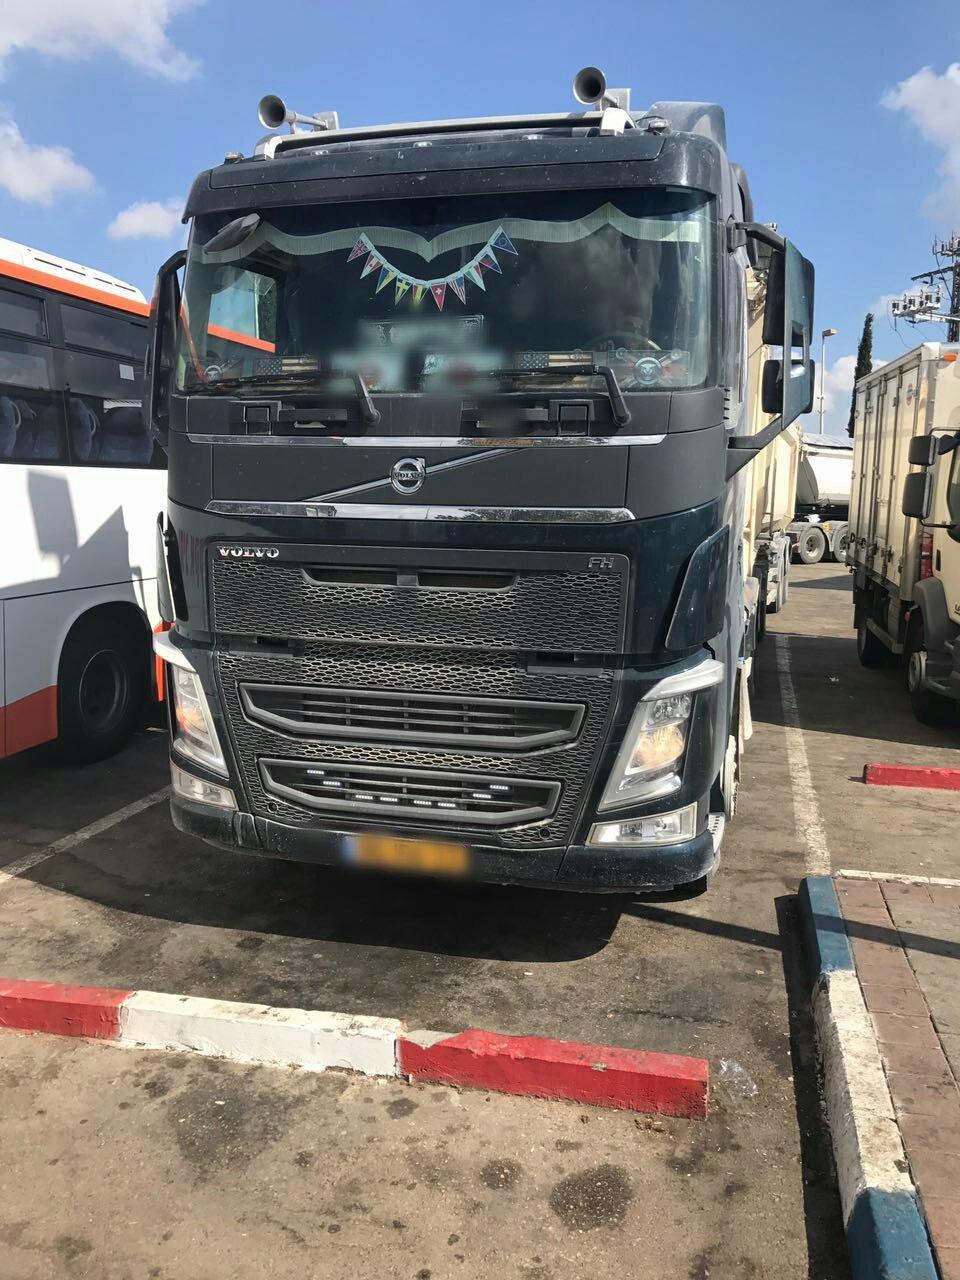 ضبط شاحنة محملة بـ31 طن أكثر من المسموح ! السائق عربي من باقة